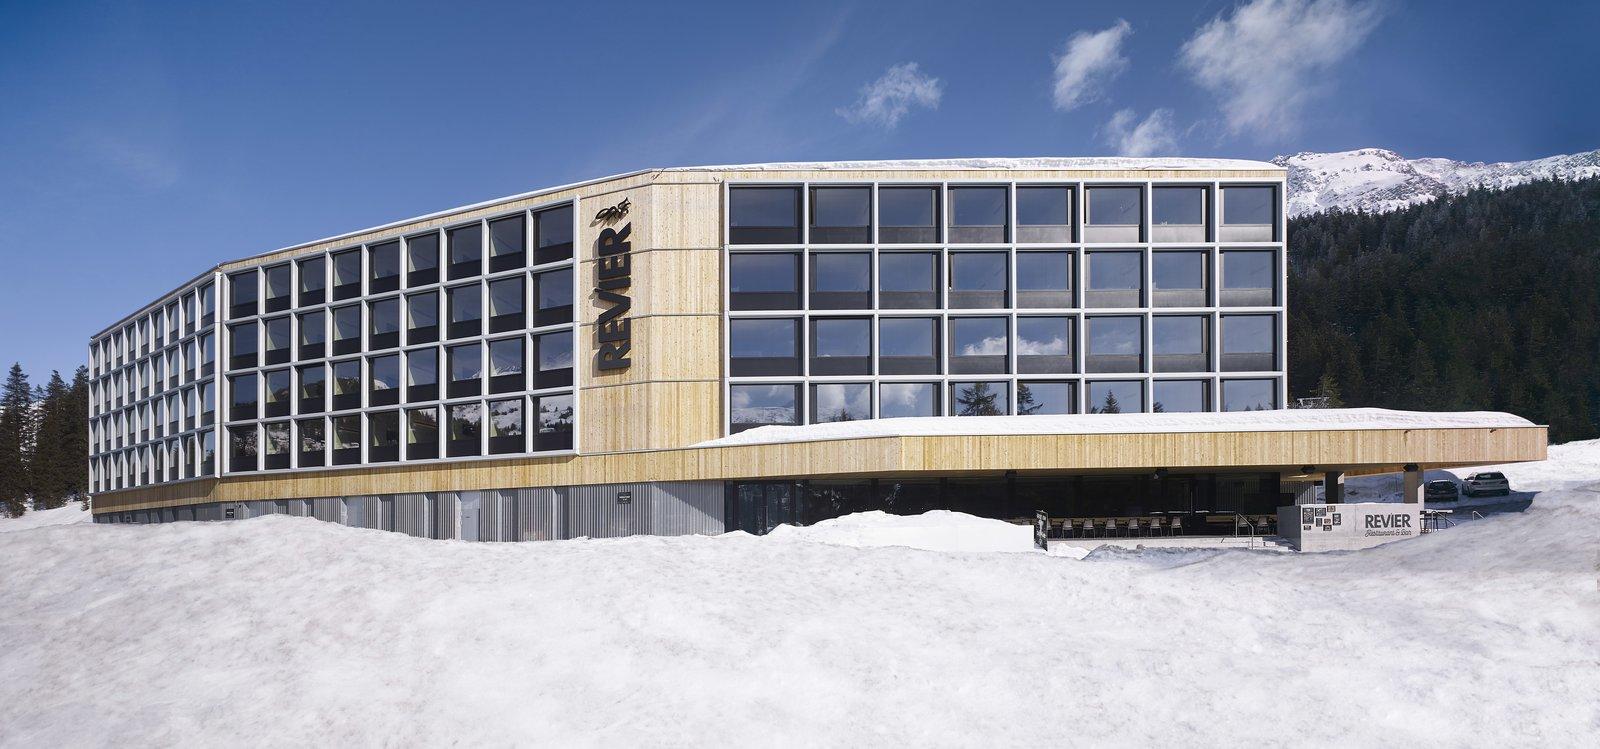 Carlos Martinez Architekten Revier Mountain Lodge Switzerland prefab hotel